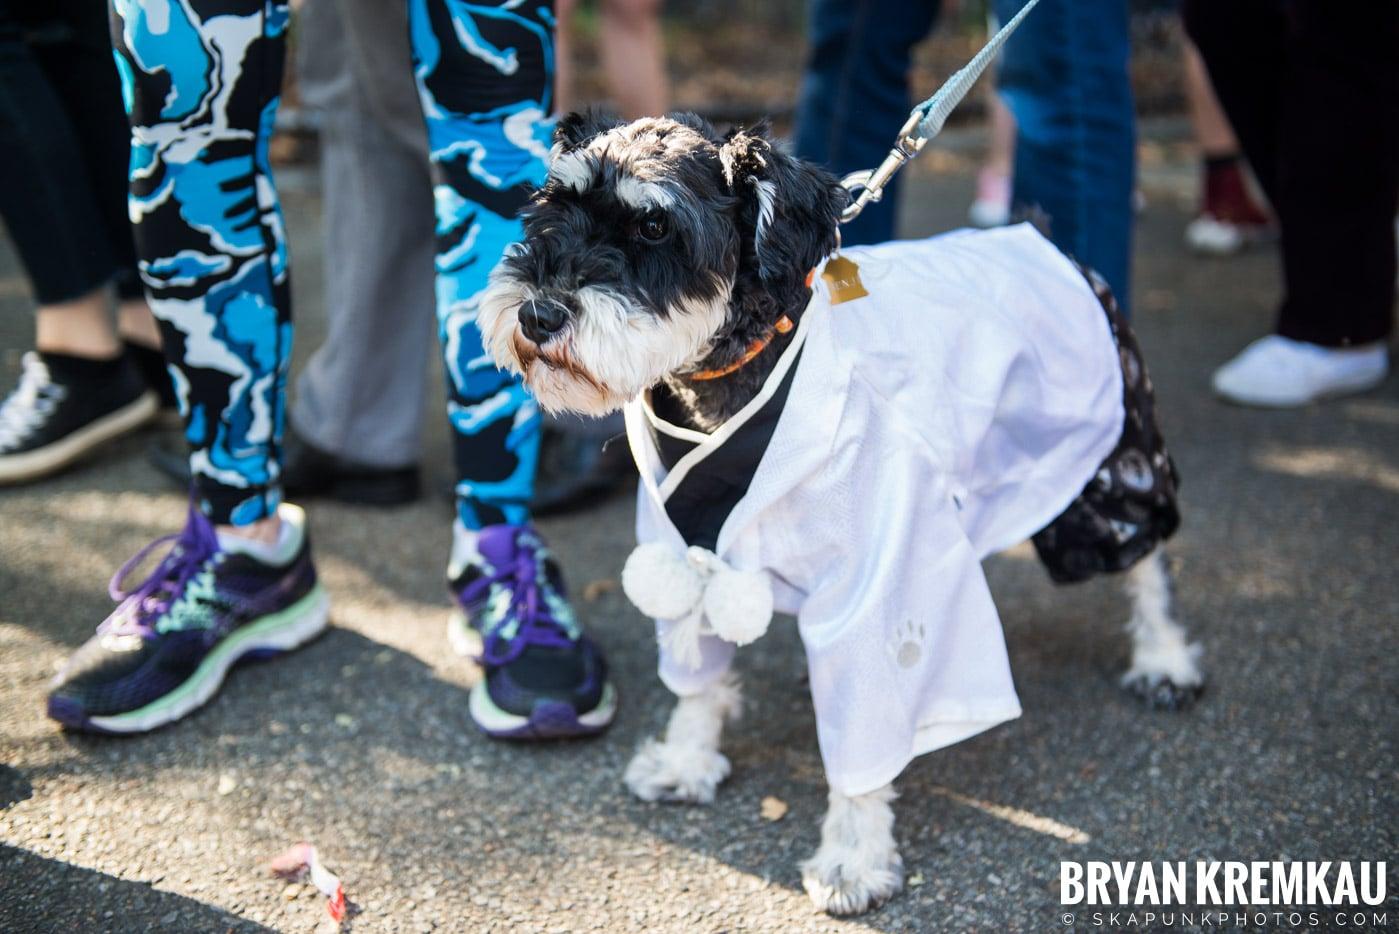 Tompkins Square Park Halloween Dog Parade 2017 @ Tompkins Square Park, NYC - 10.21.17 (16)